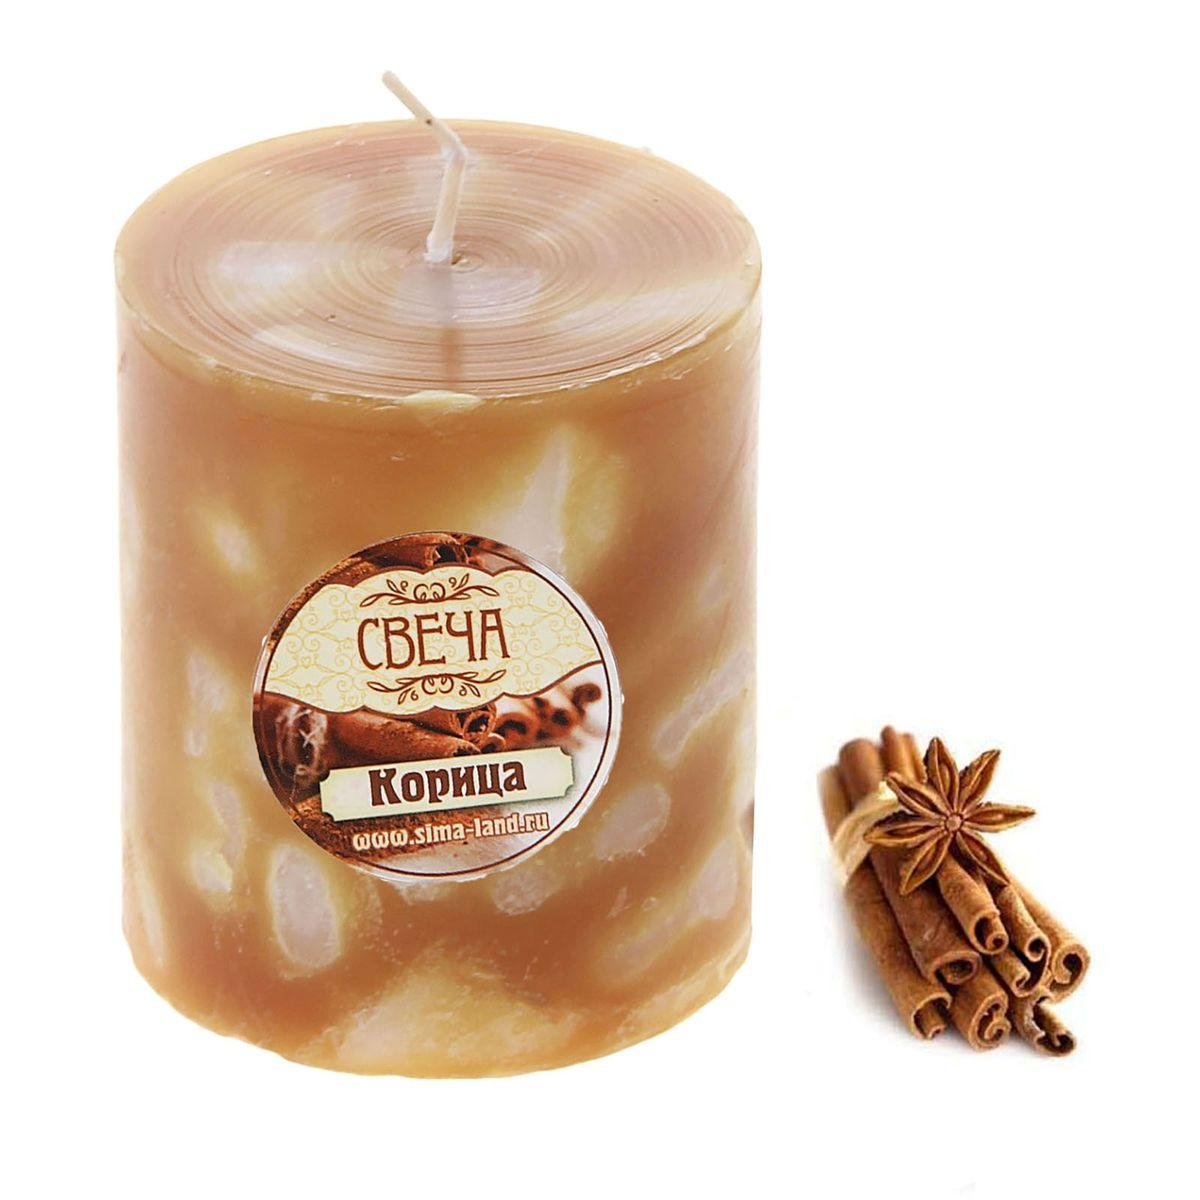 Свеча ароматизированная Sima-land Корица, высота 7,5 см. 849578 свеча ароматизированная sima land лимон на подставке высота 6 см